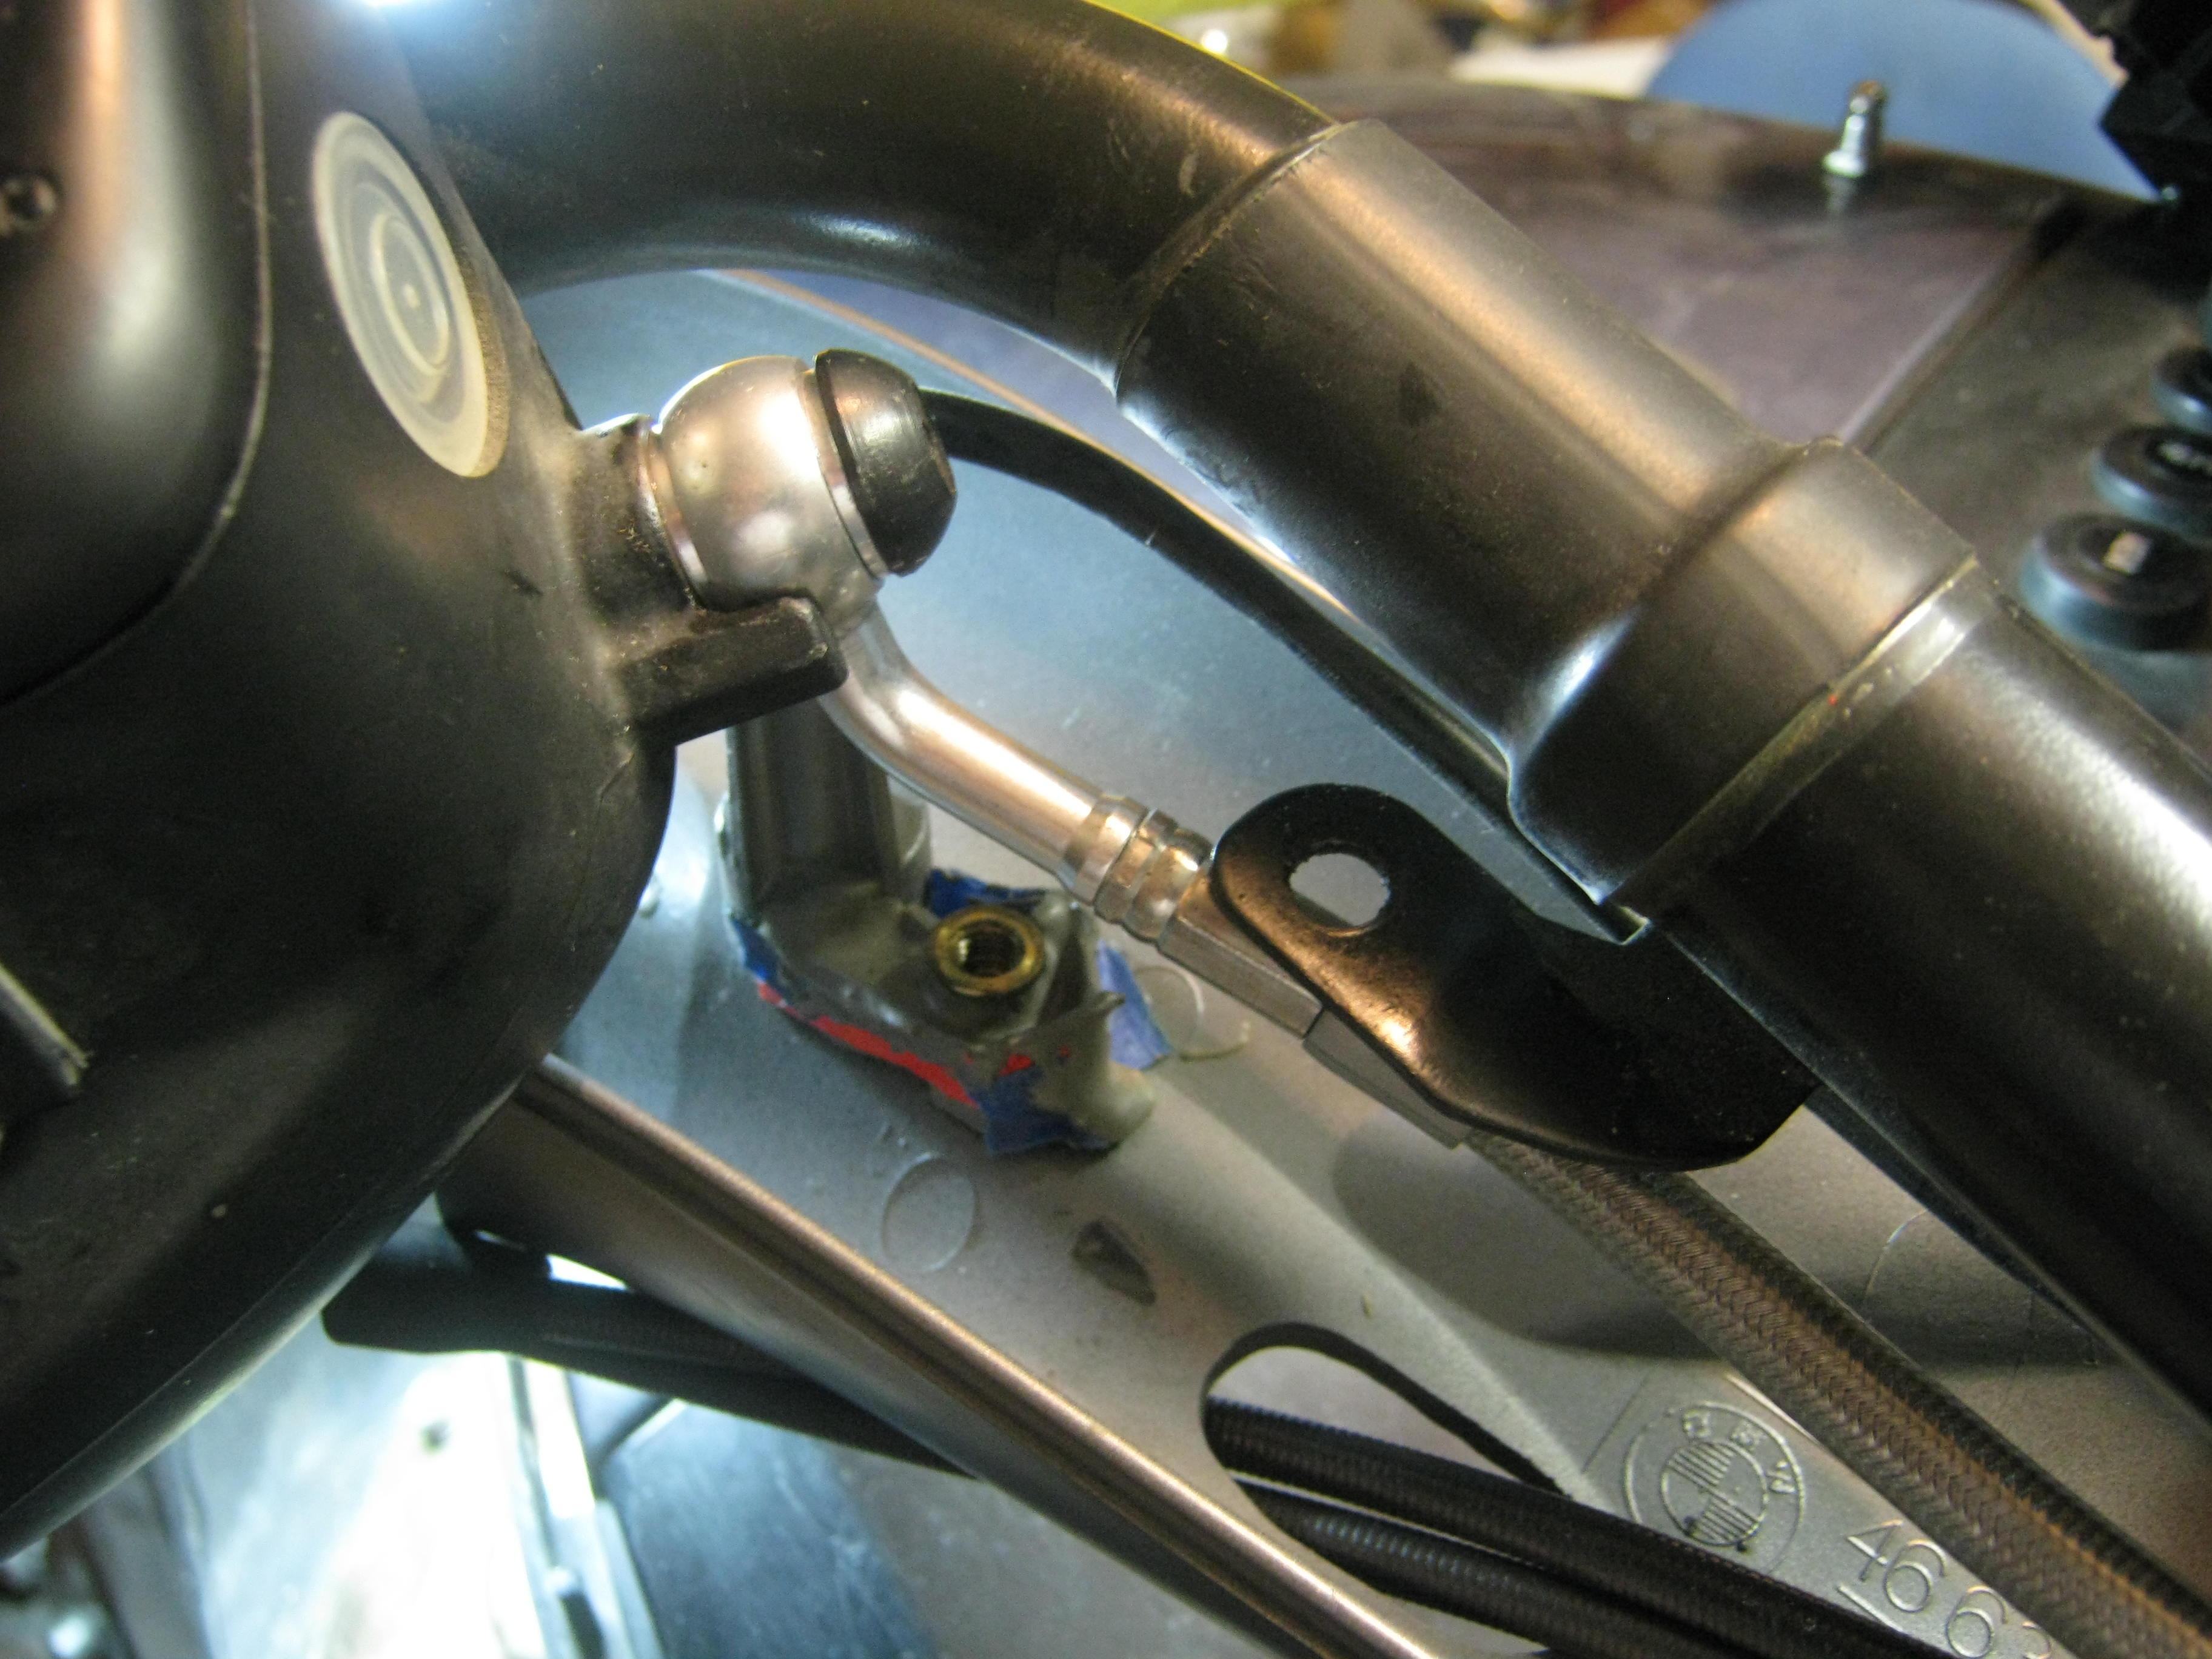 Spiegler brake line installation - BMW Luxury Touring Community